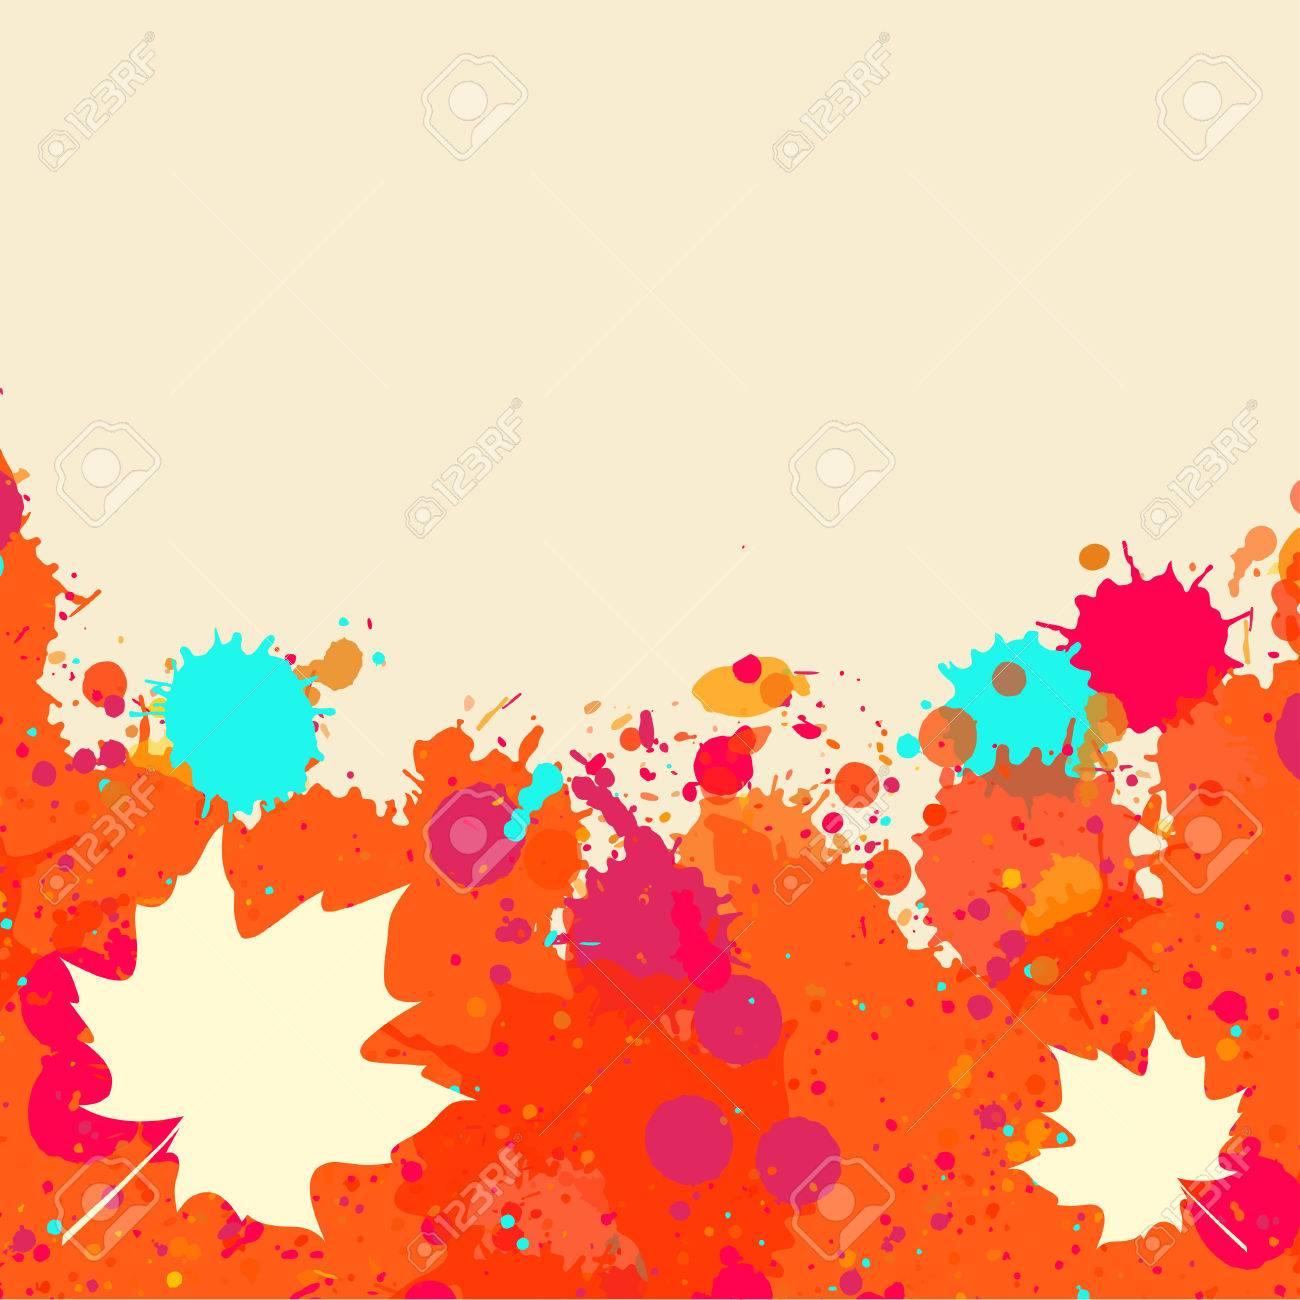 Helle Orange Und Rot Aquarell Farbe Splatter-Rahmen Mit Herbst ...